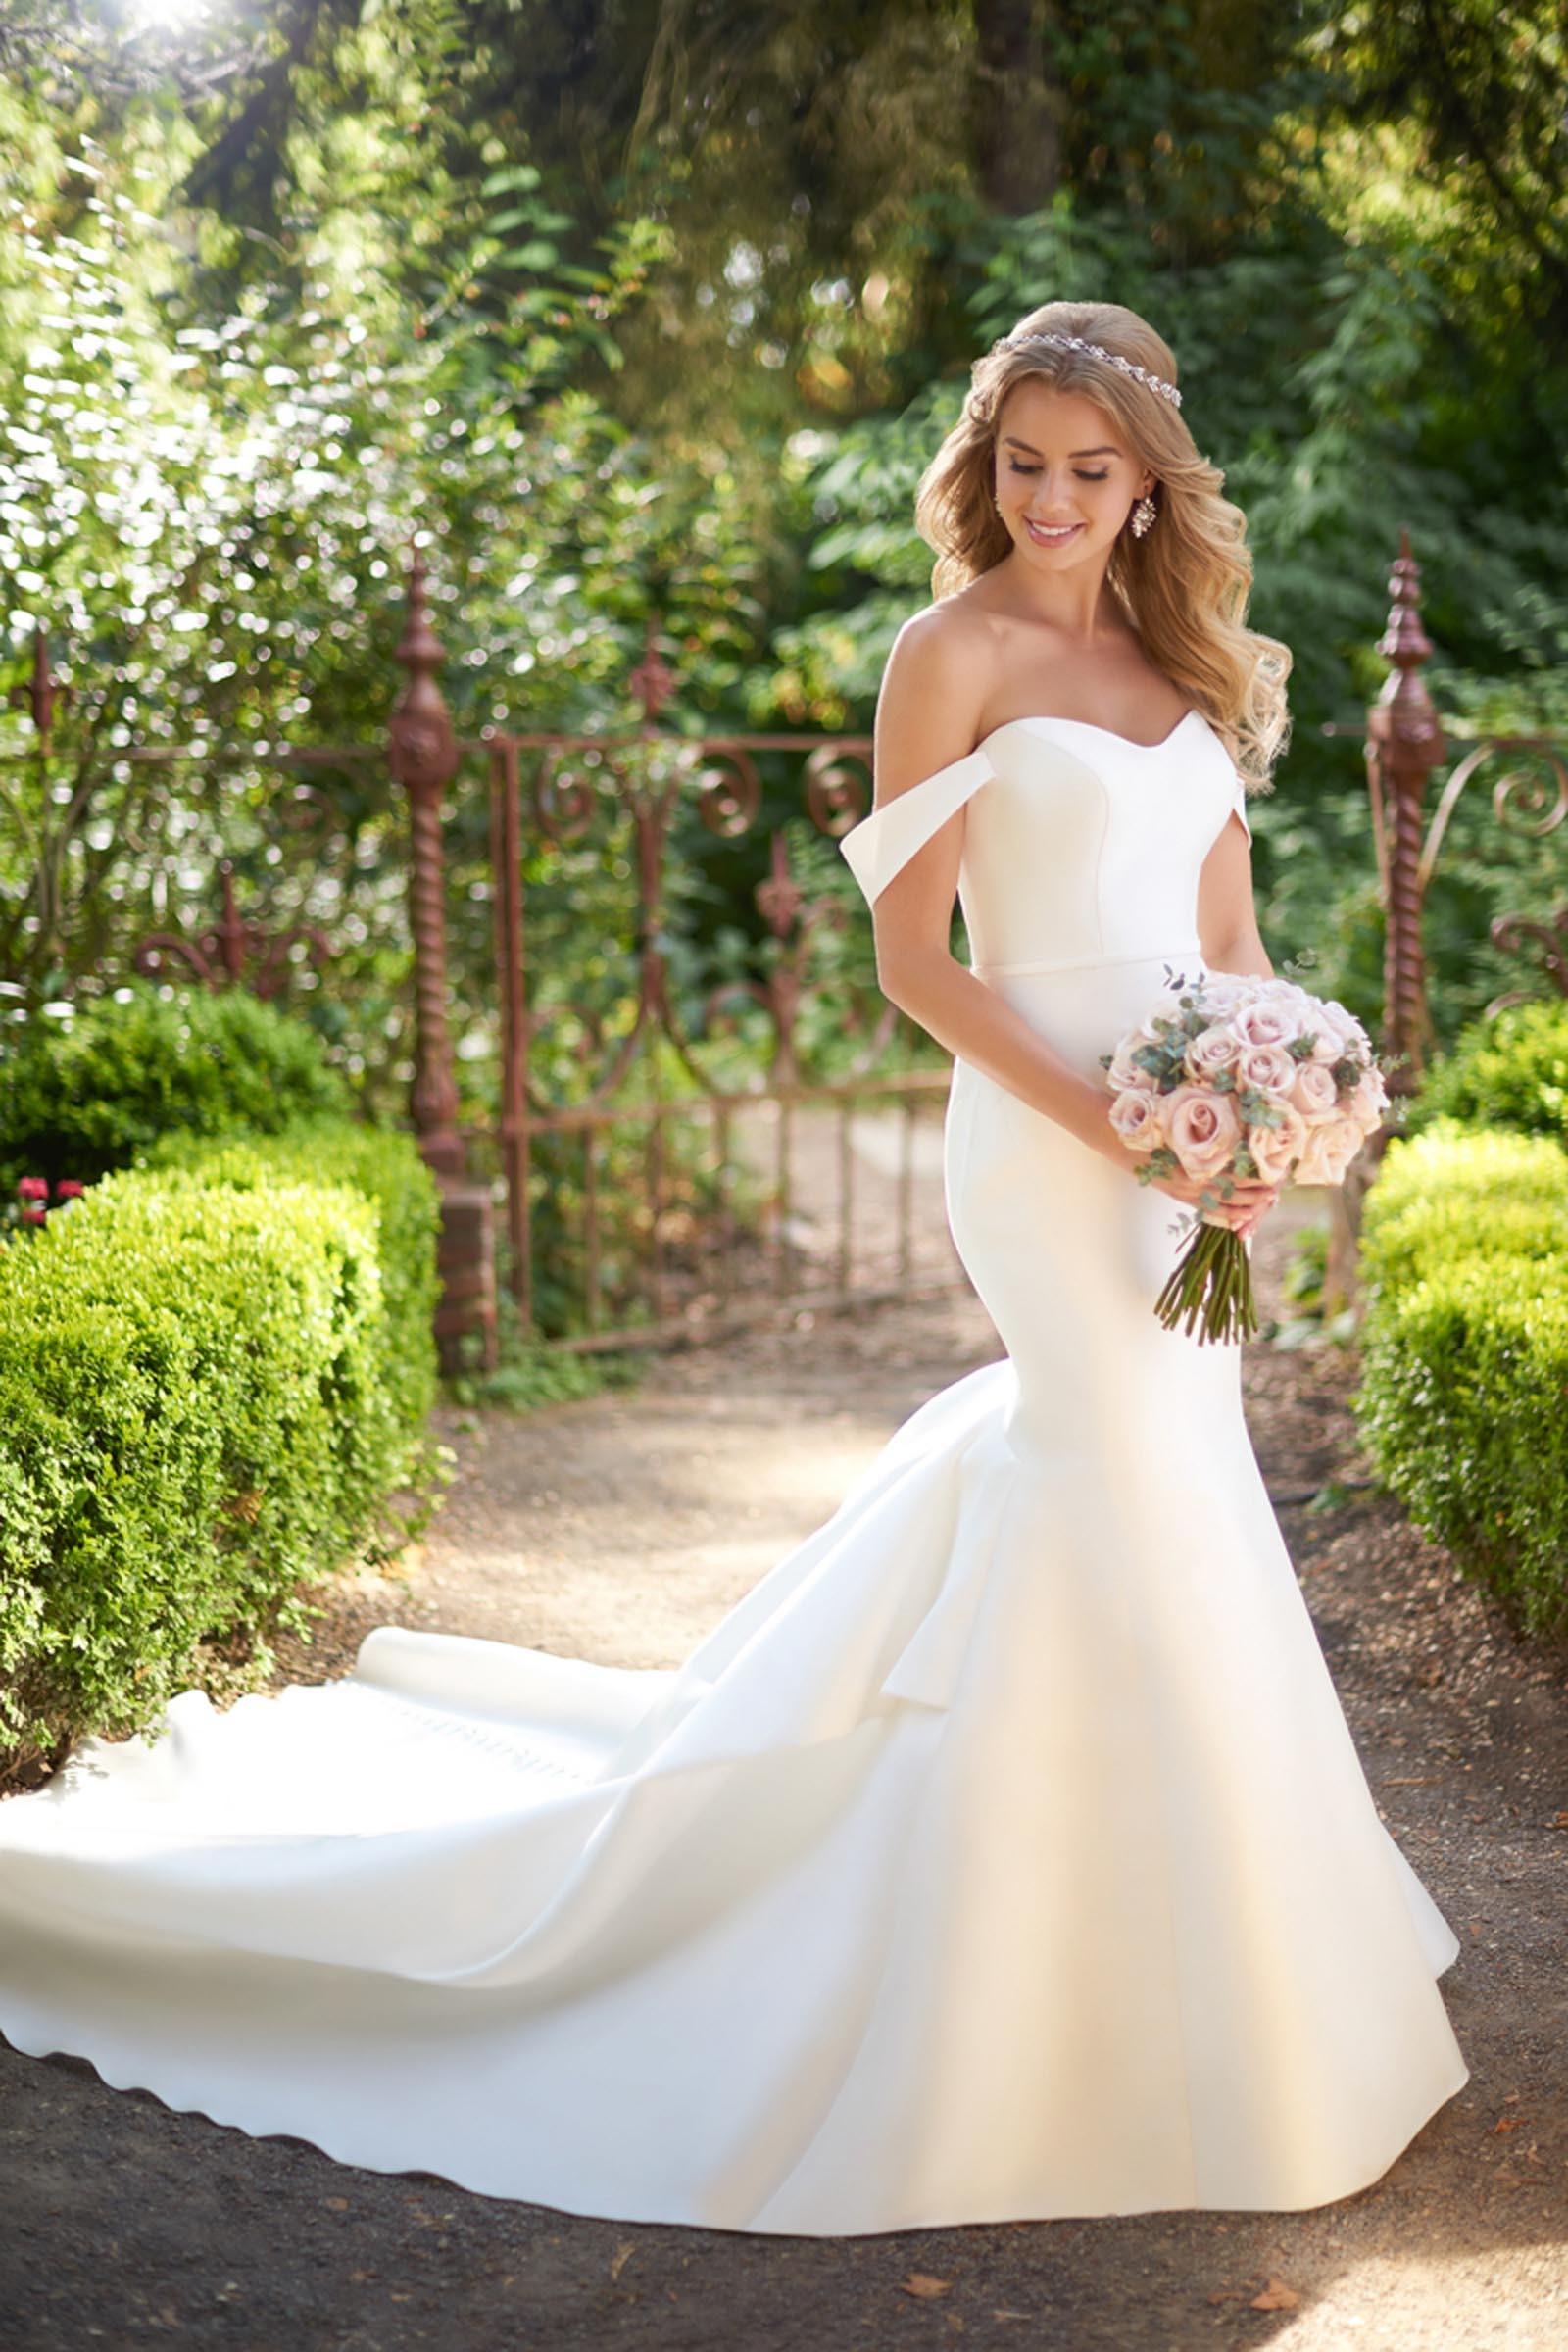 besondere Auswahl an heißer Verkauf online hohe Qualität Figurbetontes, schulterfreies Brautkleid im cleanen Look von ...